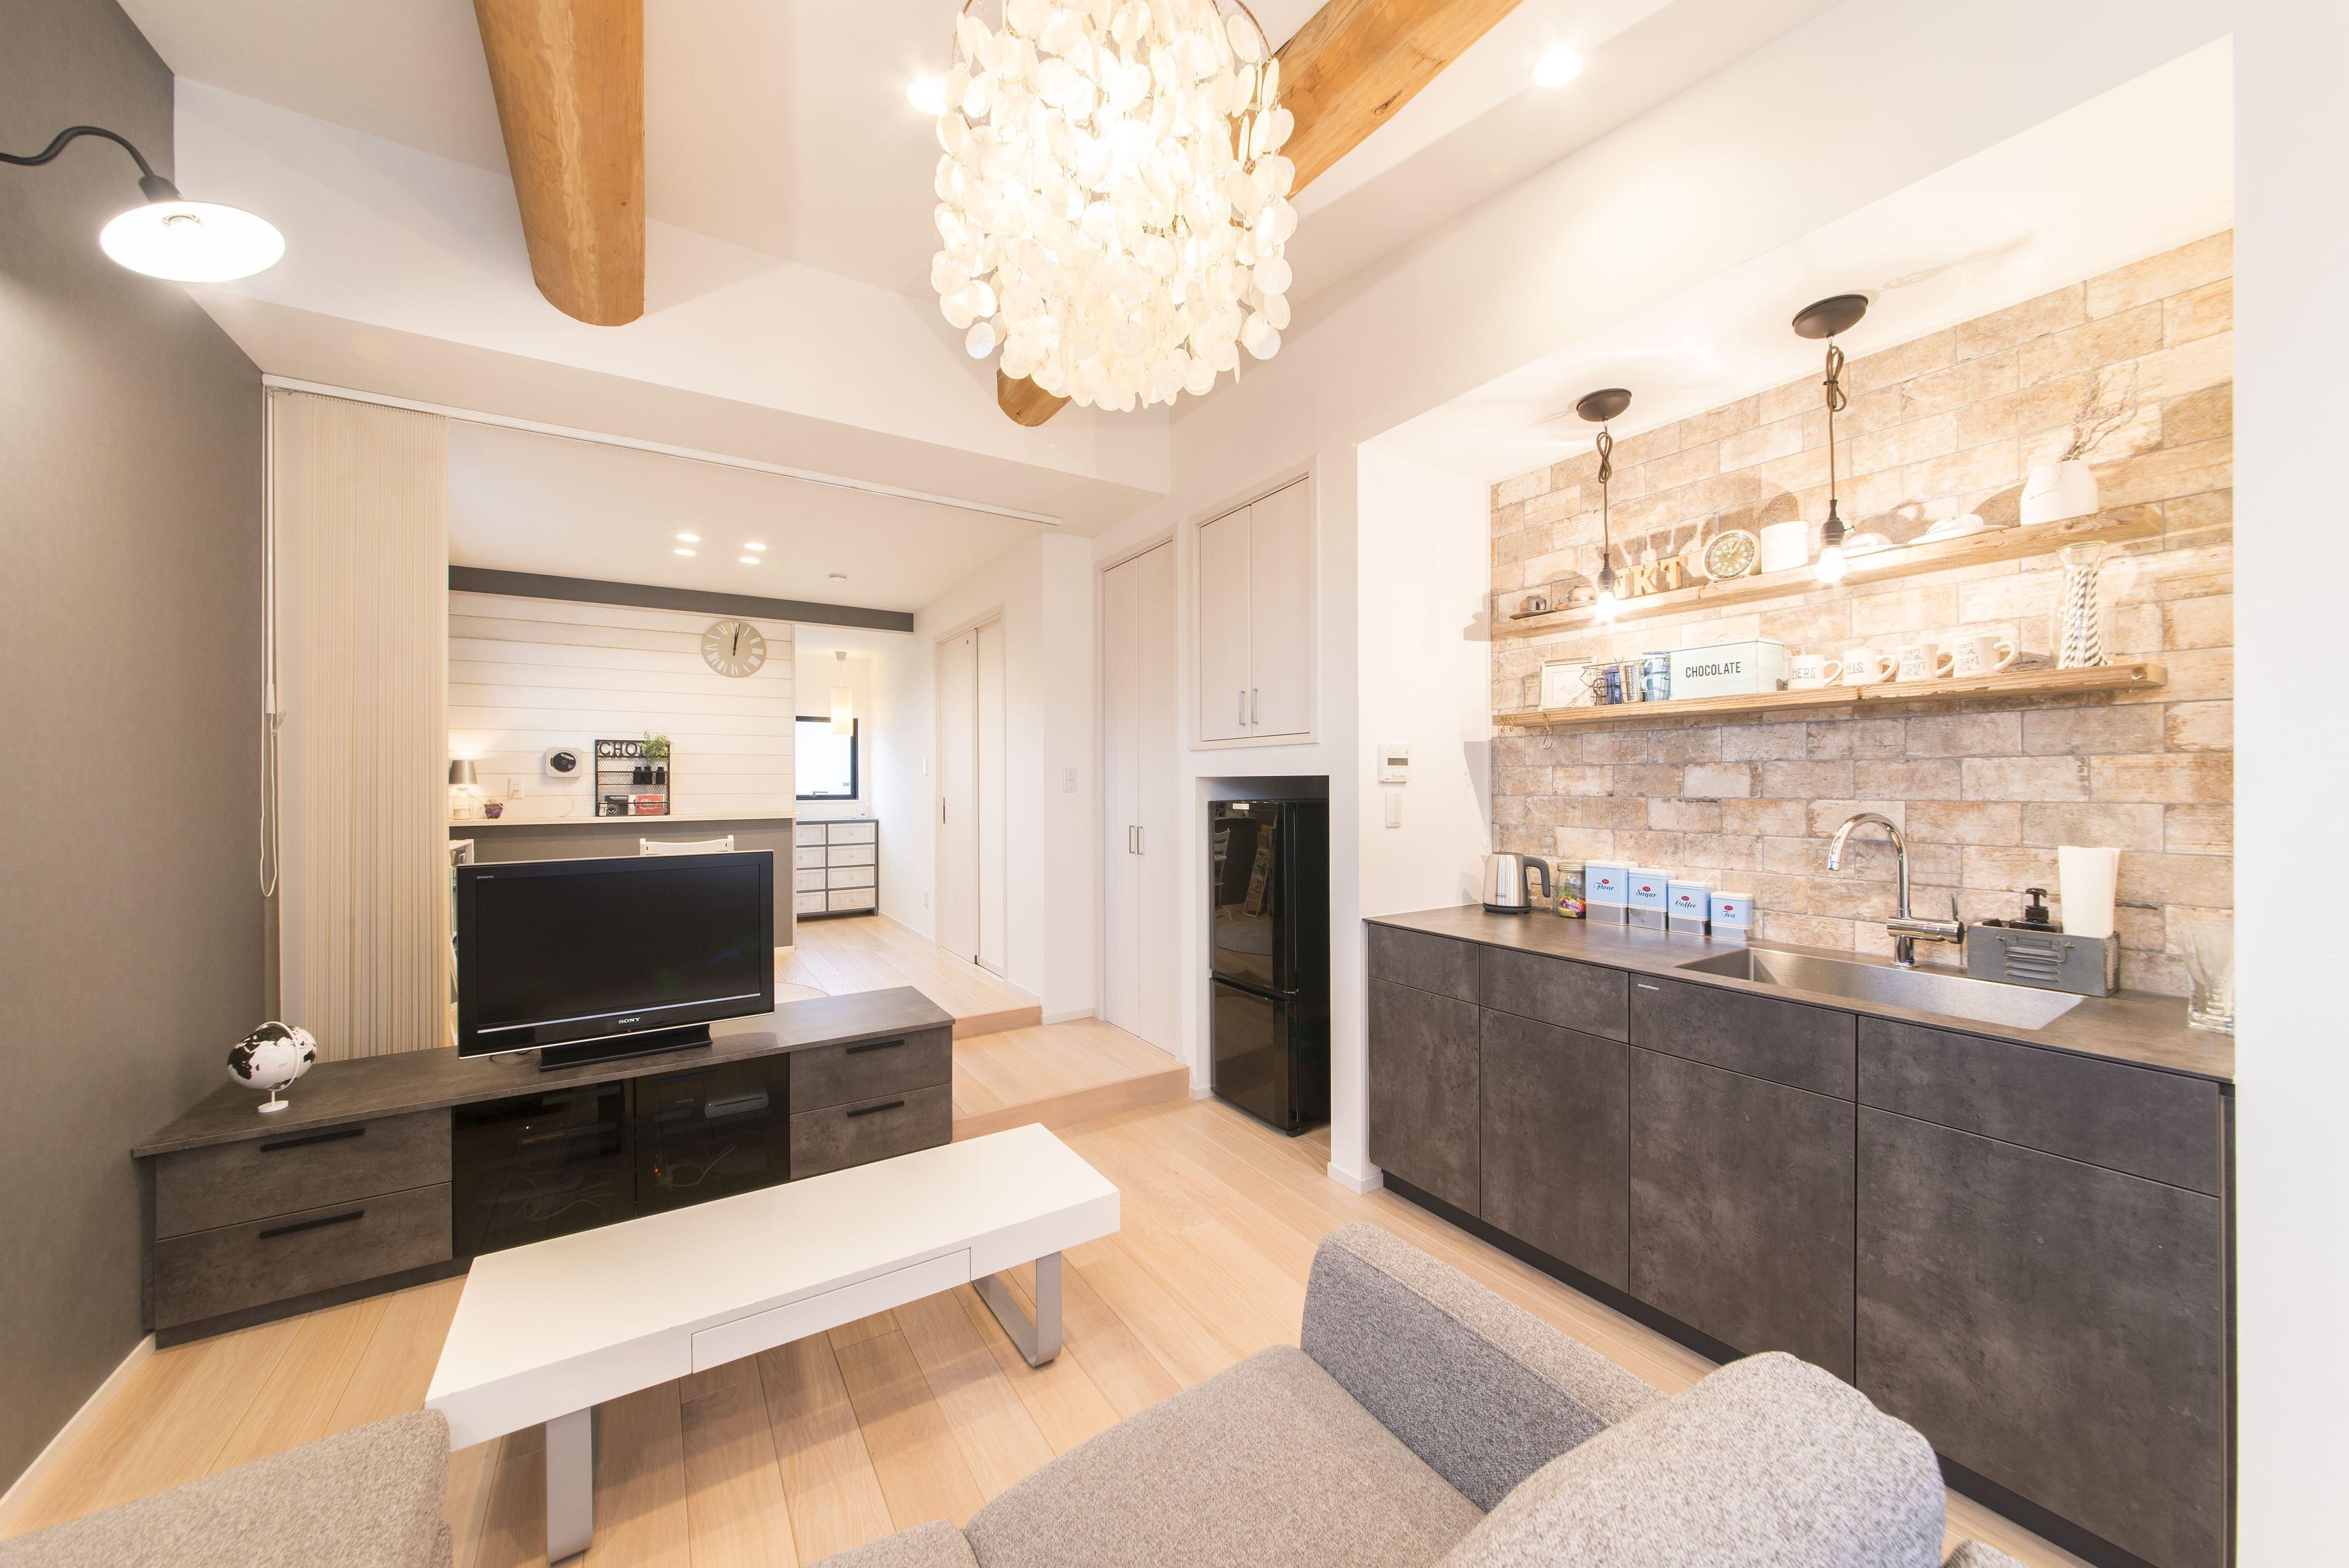 リビングダイニング事例:家具のようなデザイン性の高いミニキッチンを新設(2階を増築して、デザイン性の高い上下分離型の二世帯住宅にリフォーム。)